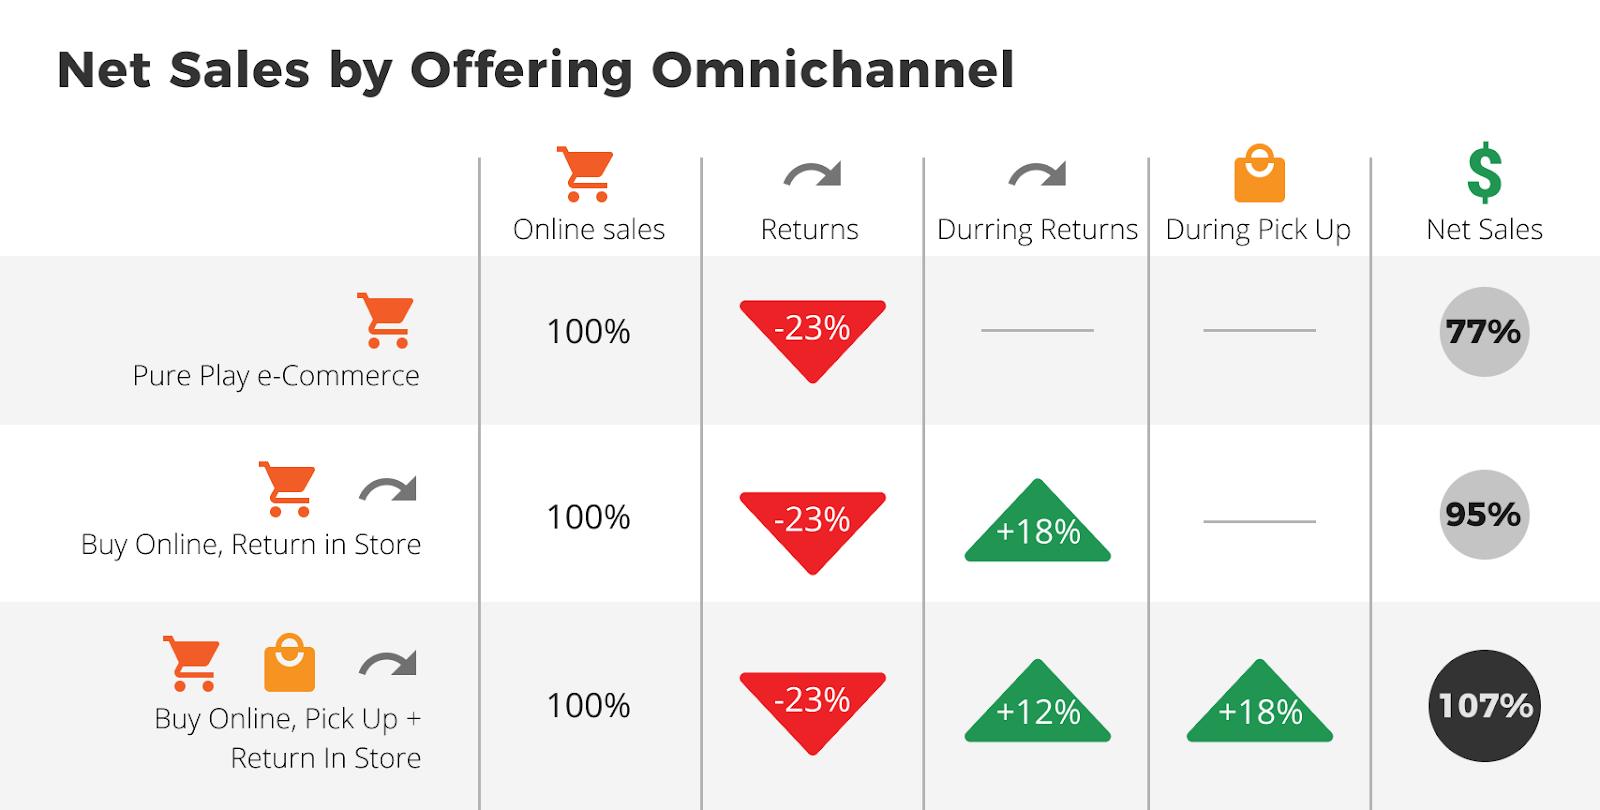 net sales by offering omnichannel